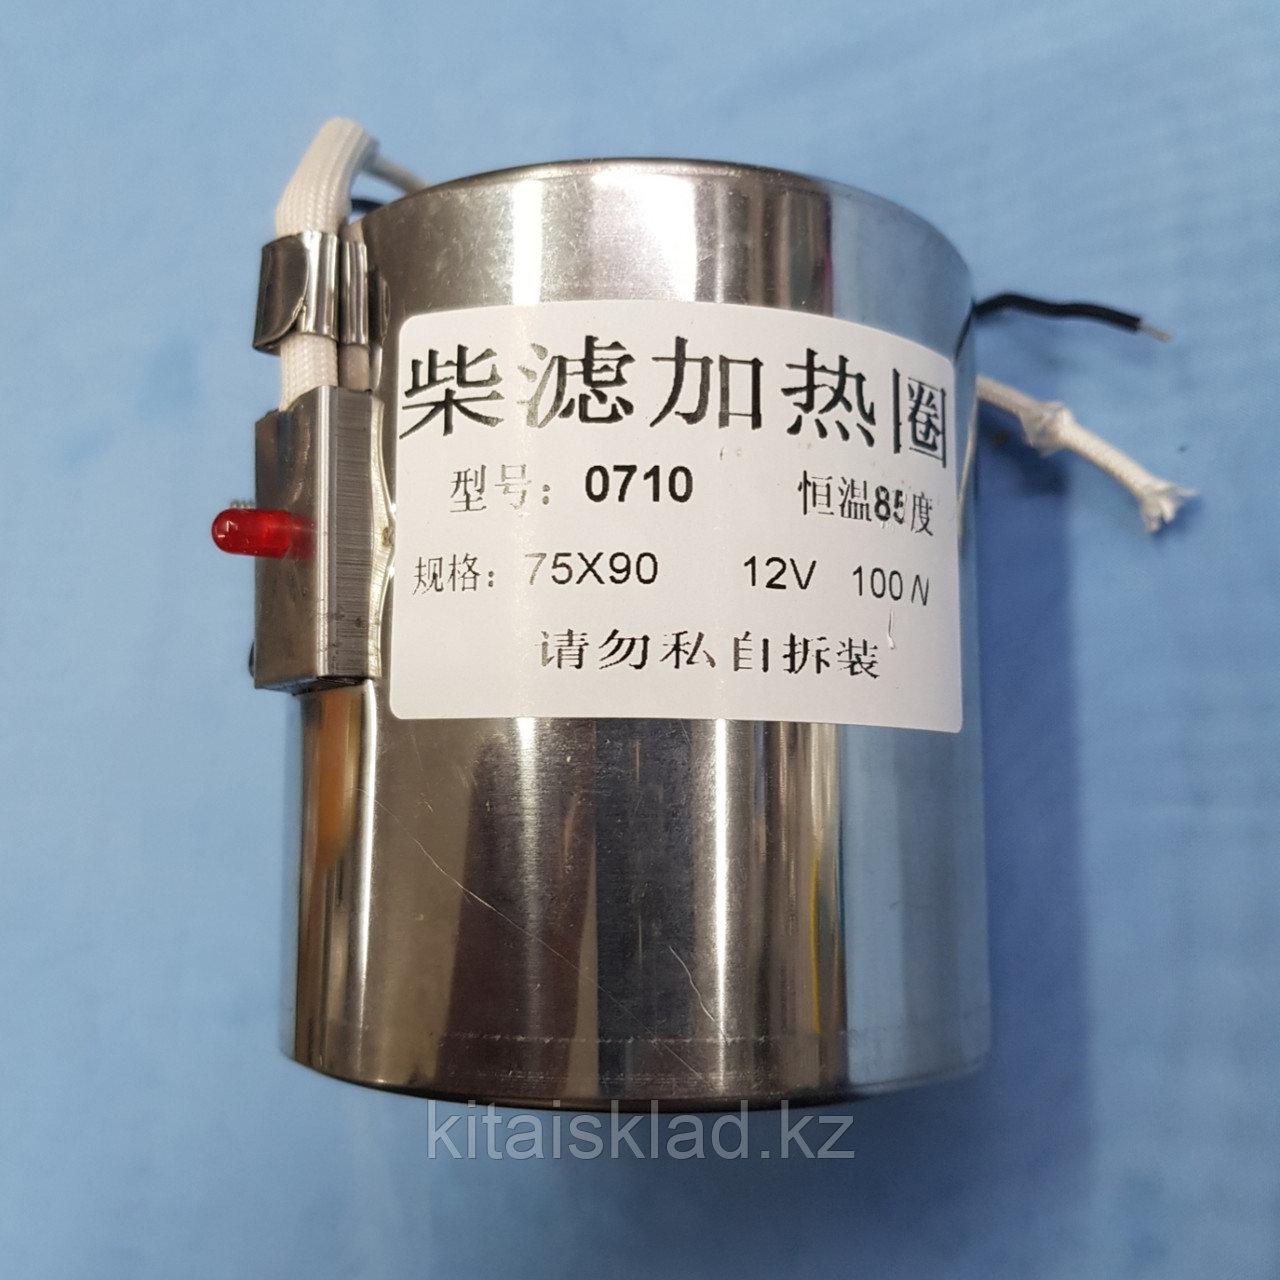 Подогрев топливного фильтра. размер 75х90 12вольт